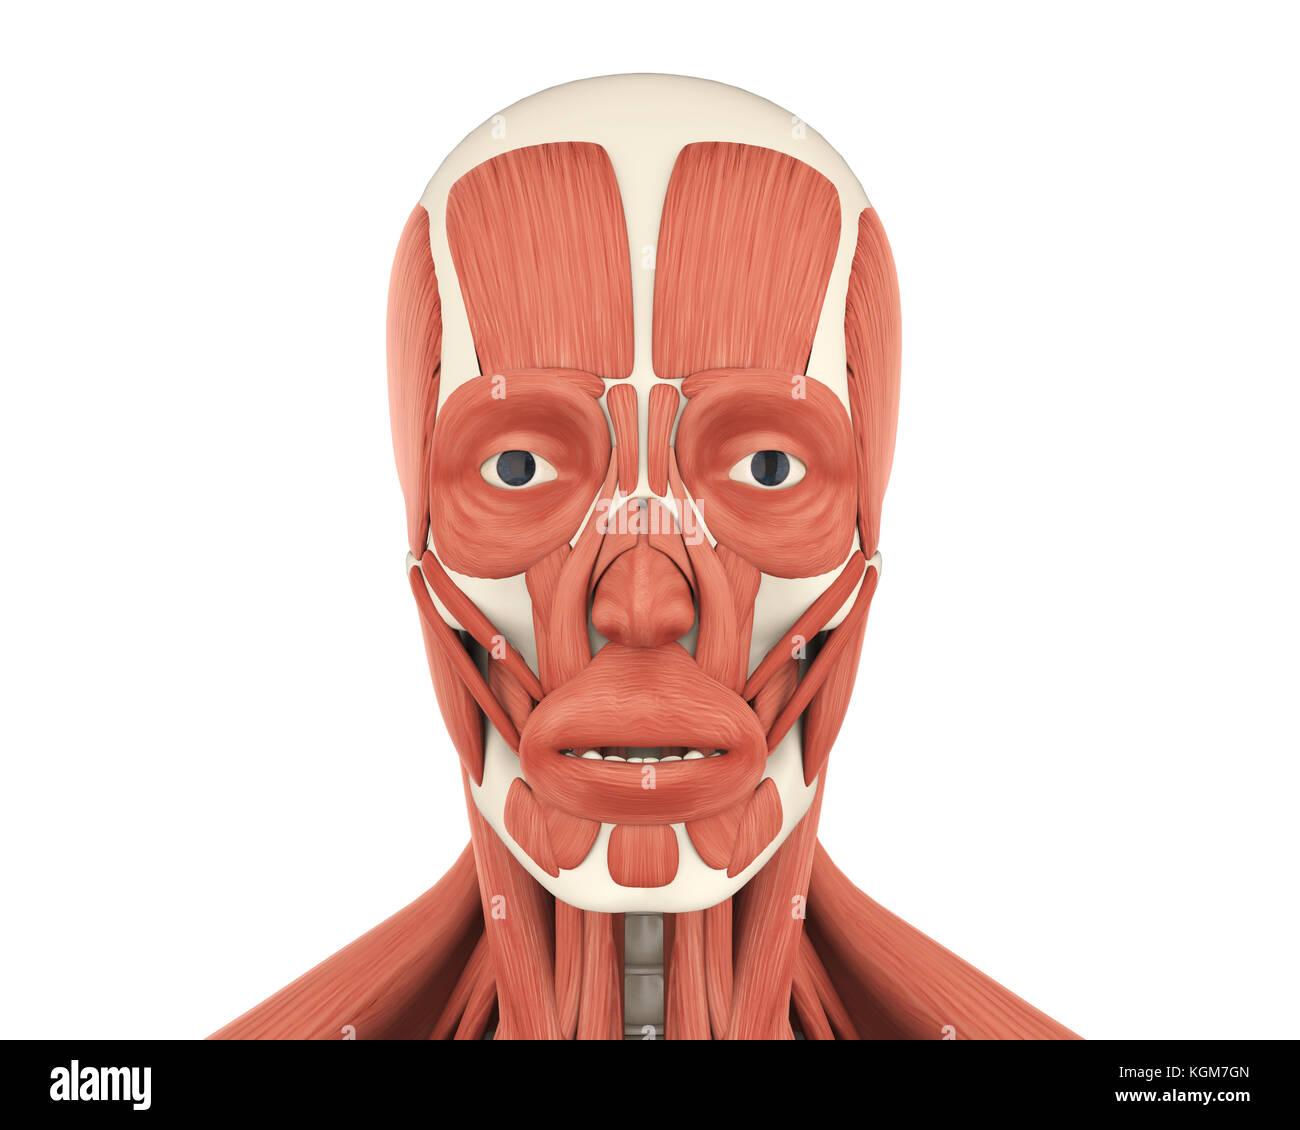 Die gesichtsmuskeln Anatomie Stockfoto, Bild: 165172805 - Alamy